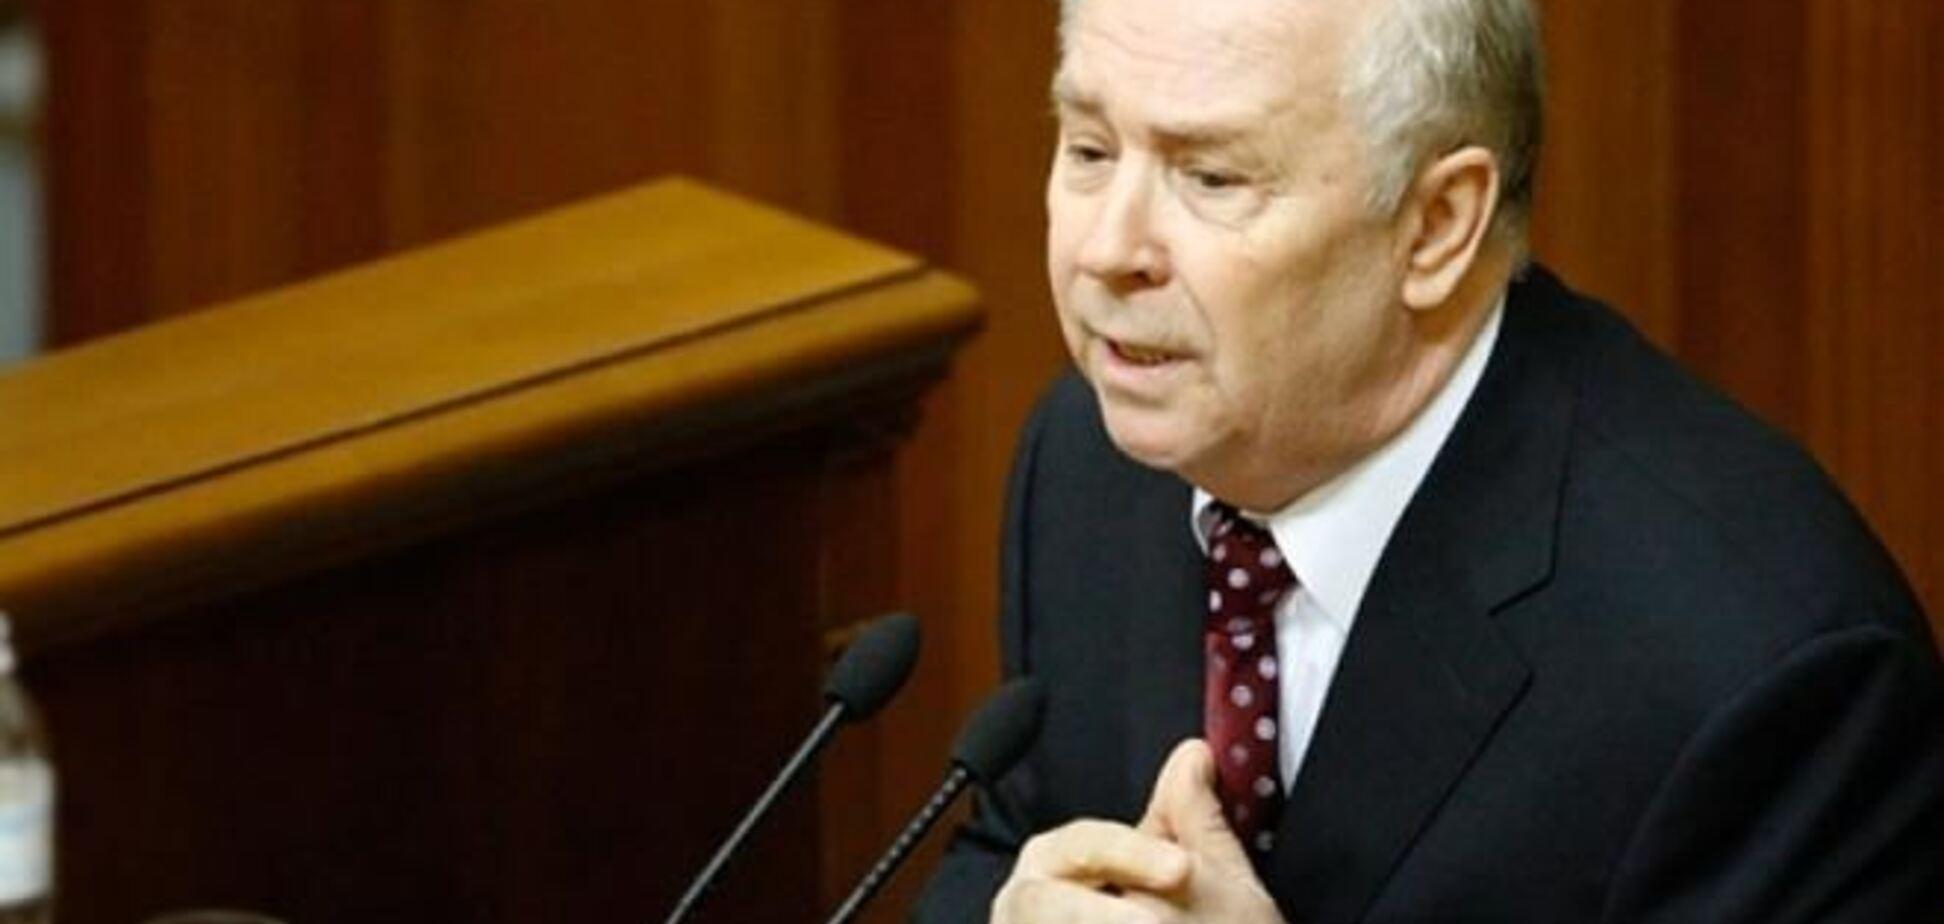 Рибак: інформація про Майдан Януковичу давалася дозовано, він багато чого не знав